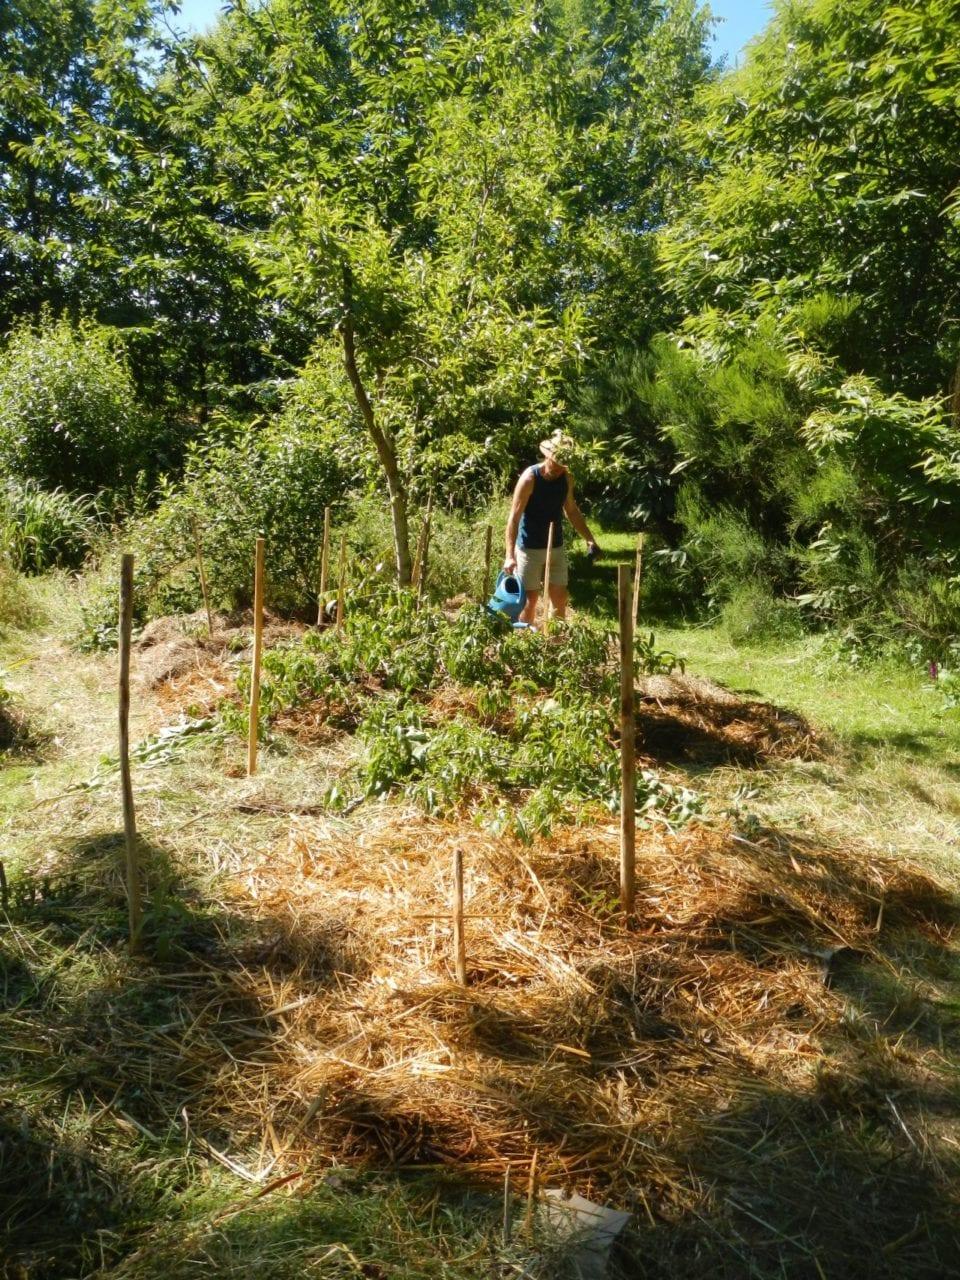 cours-certifie-de-design-en-permaculture-84h-28-